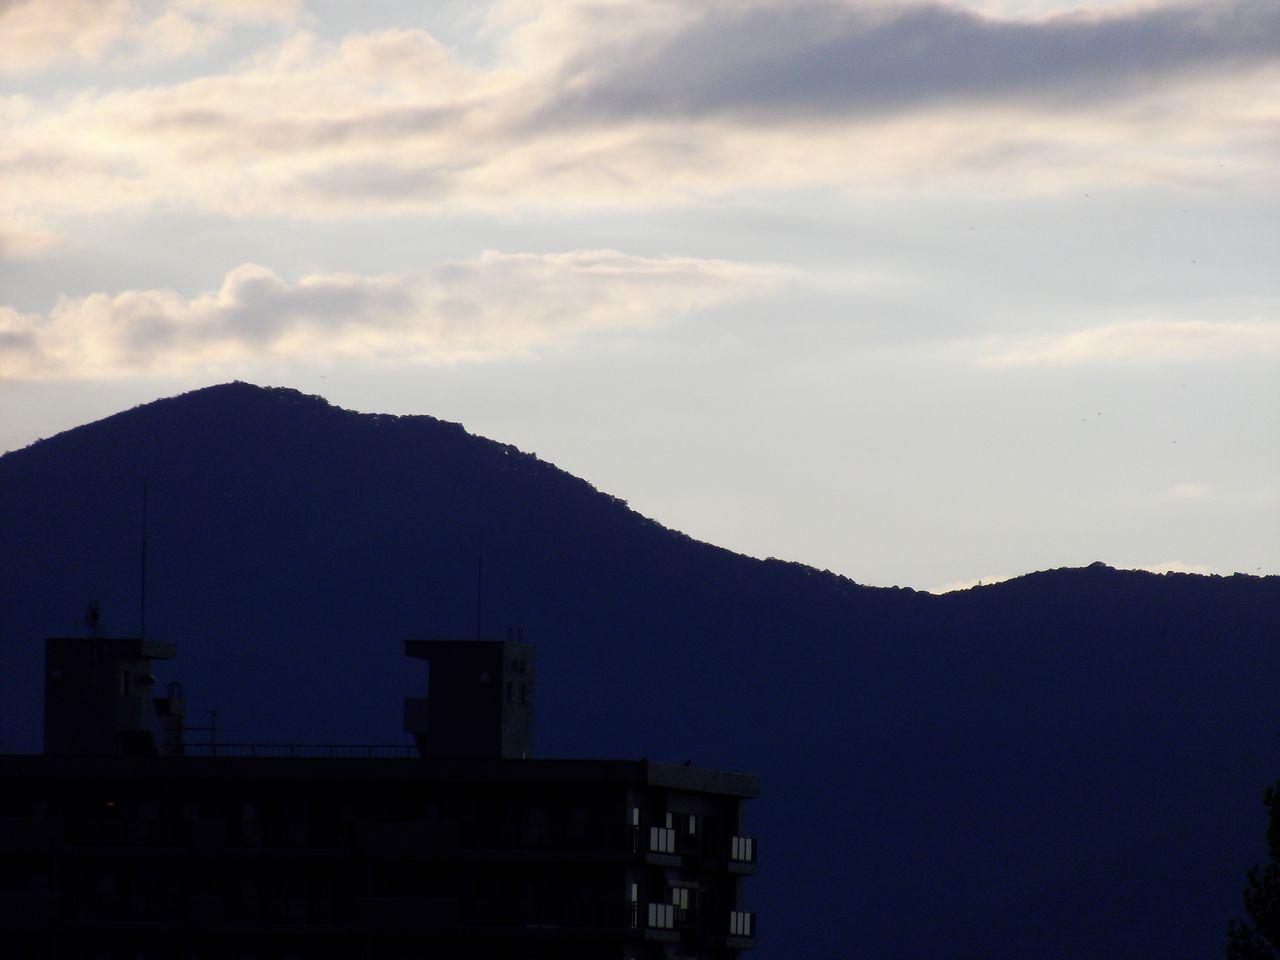 朝夕はめっきり涼しくなりました_c0025115_18194834.jpg